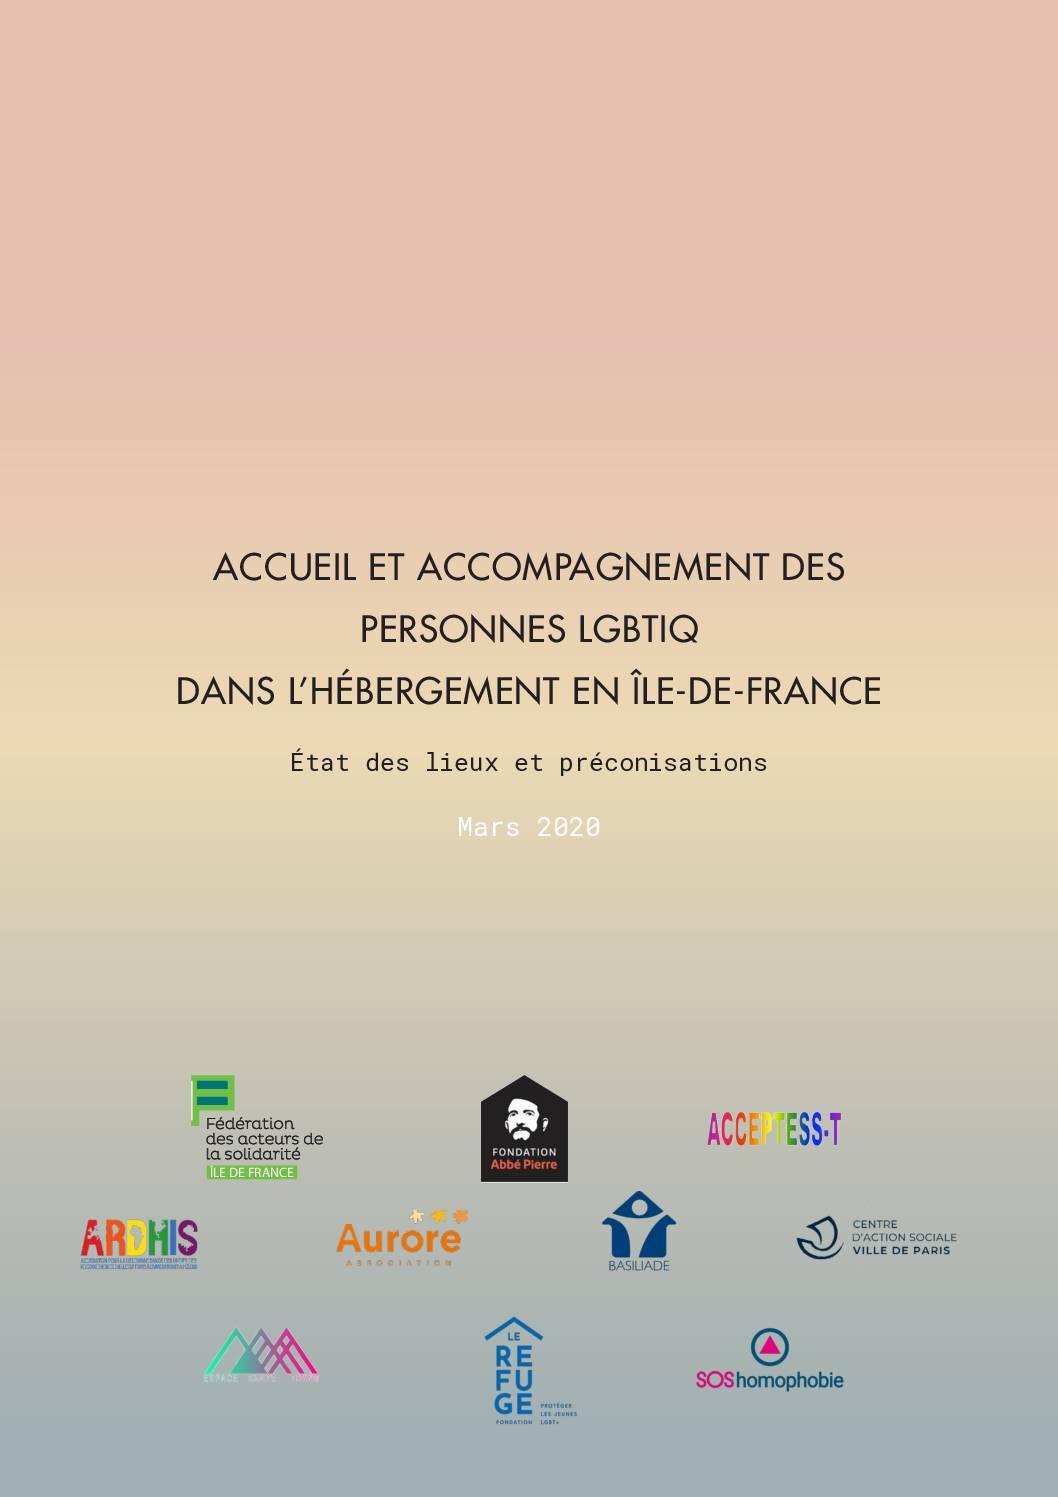 Accueil et accompagnement des personnes LGBTIQ dans l'hébergement en IdF